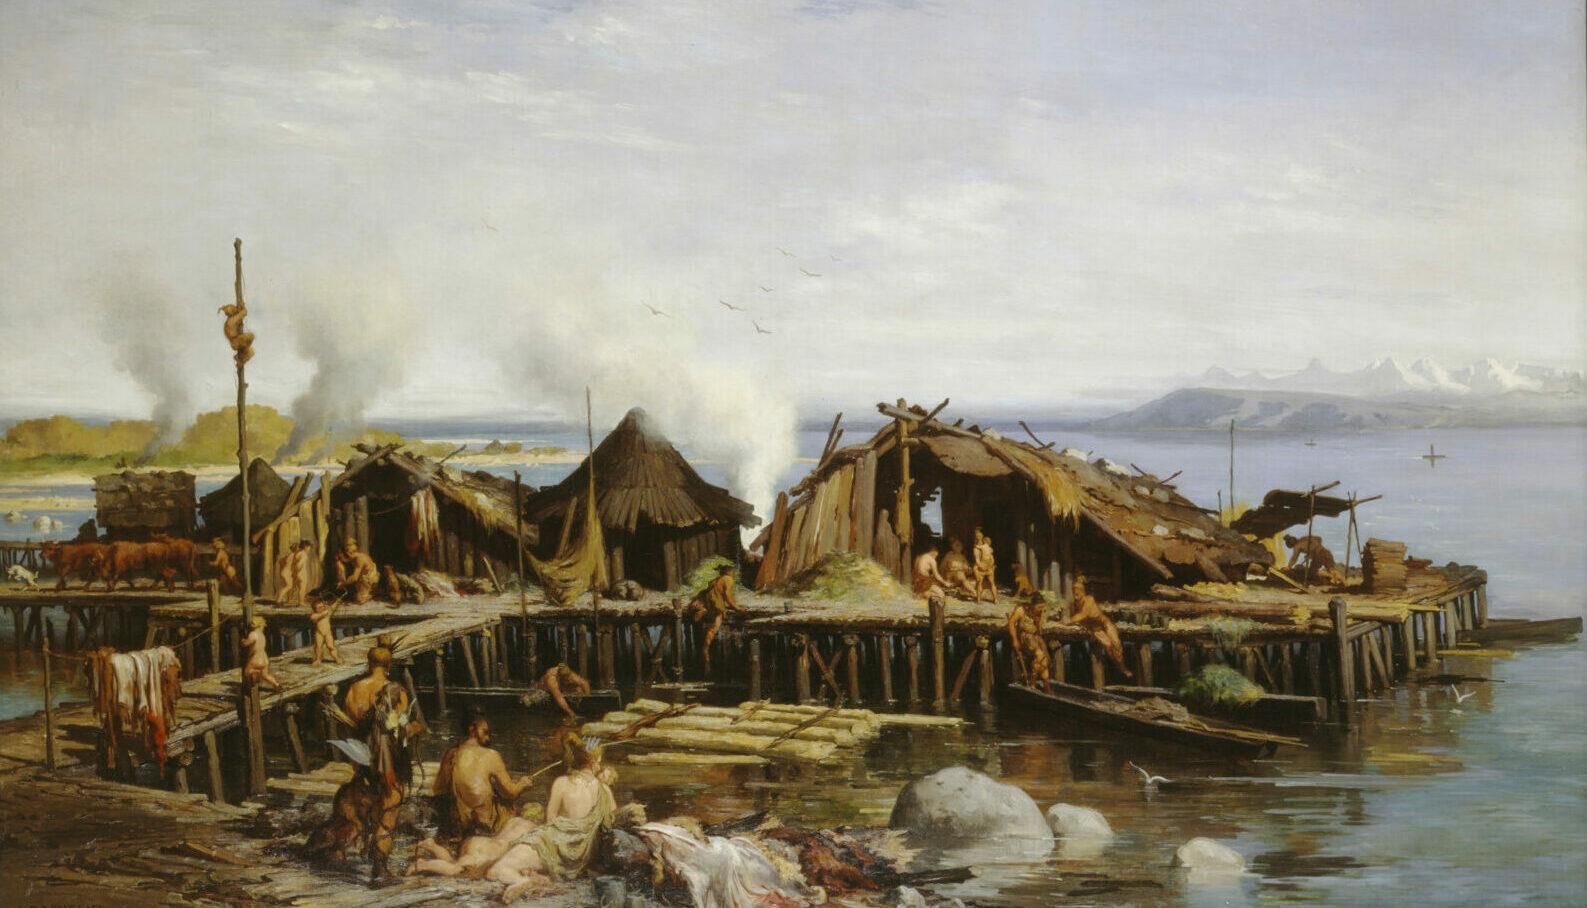 Idealbild einer Pfahlbauersiedlung, gemalt von Rodolphe-Auguste Bachelin, 1867.